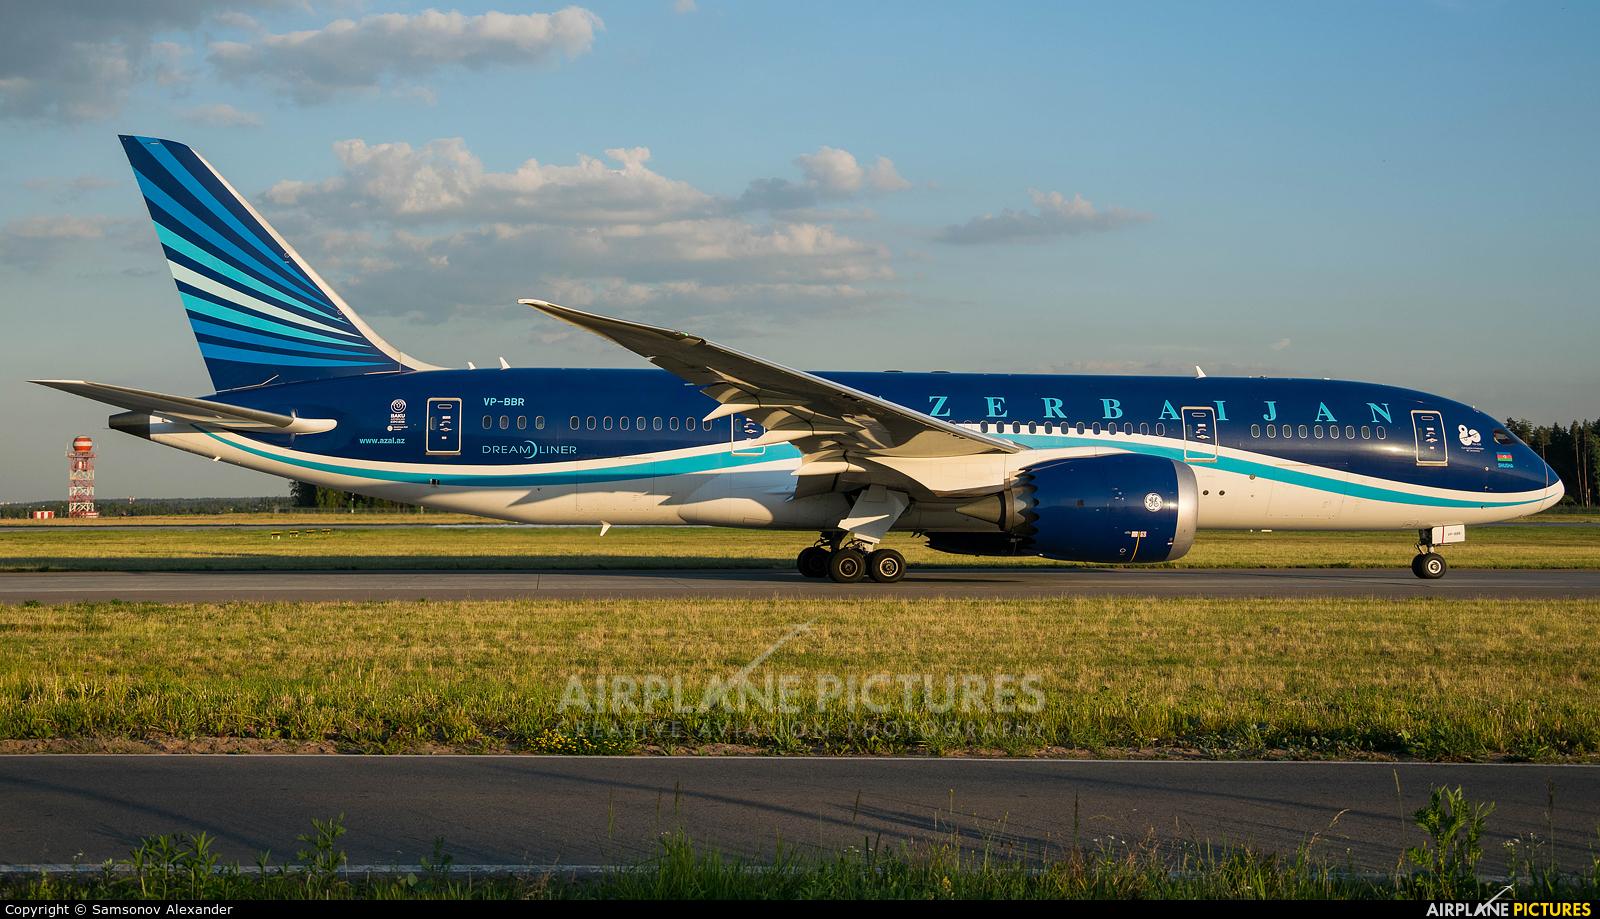 Azerbaijan Airlines VP-BBR aircraft at Moscow - Vnukovo